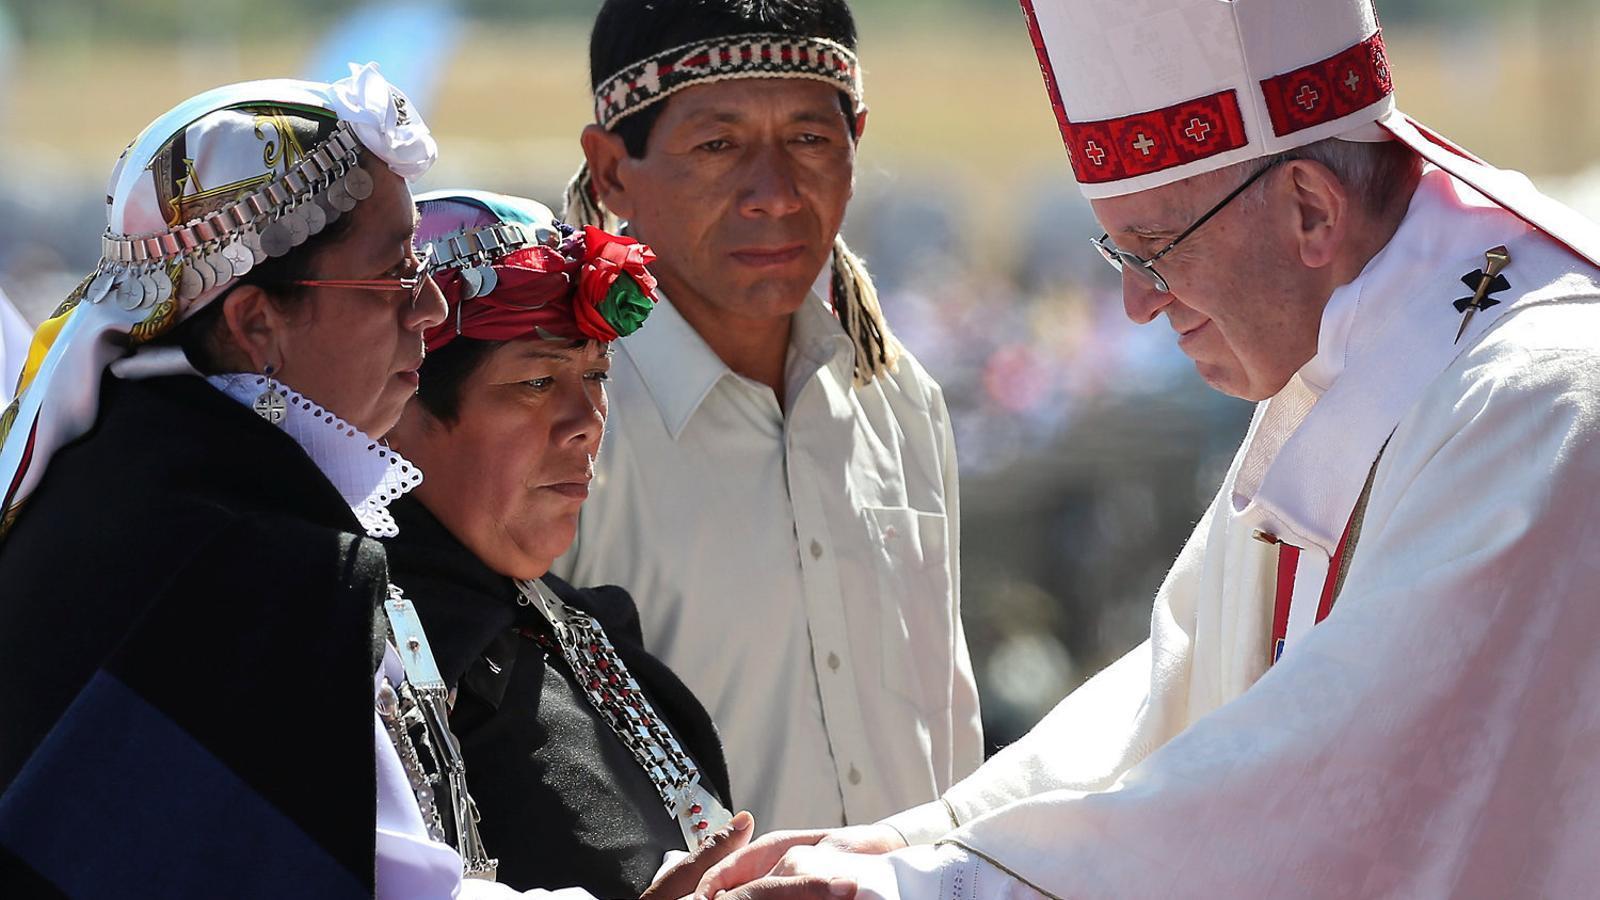 El Papa fa una polèmica missa en un antic centre de tortura xilè